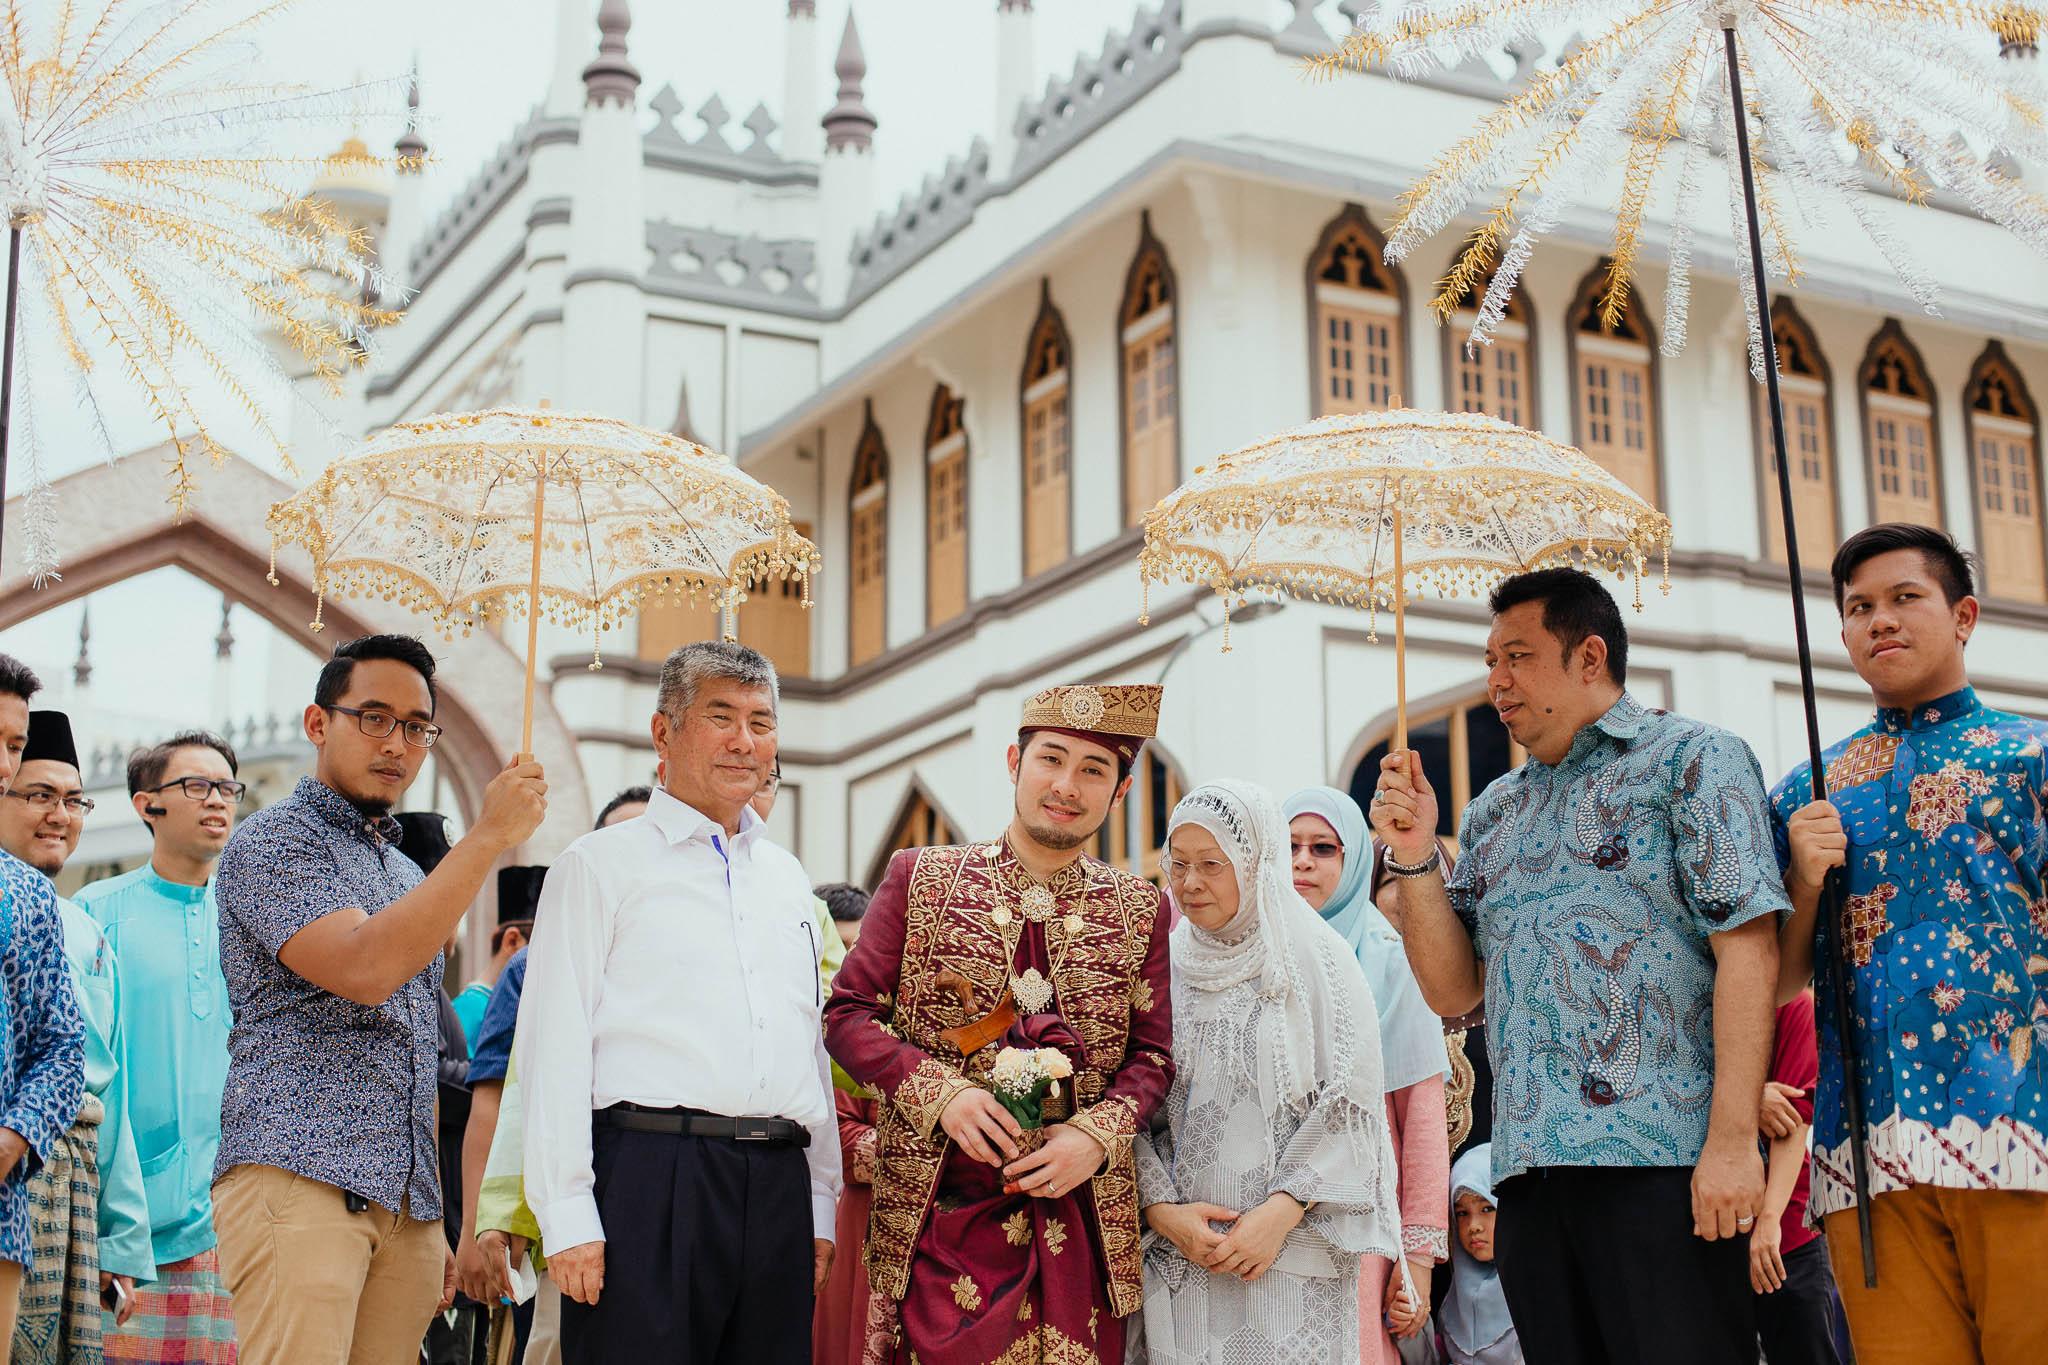 singapore-wedding-photographer-travel-wemadethese-atara-hafizah-44.jpg